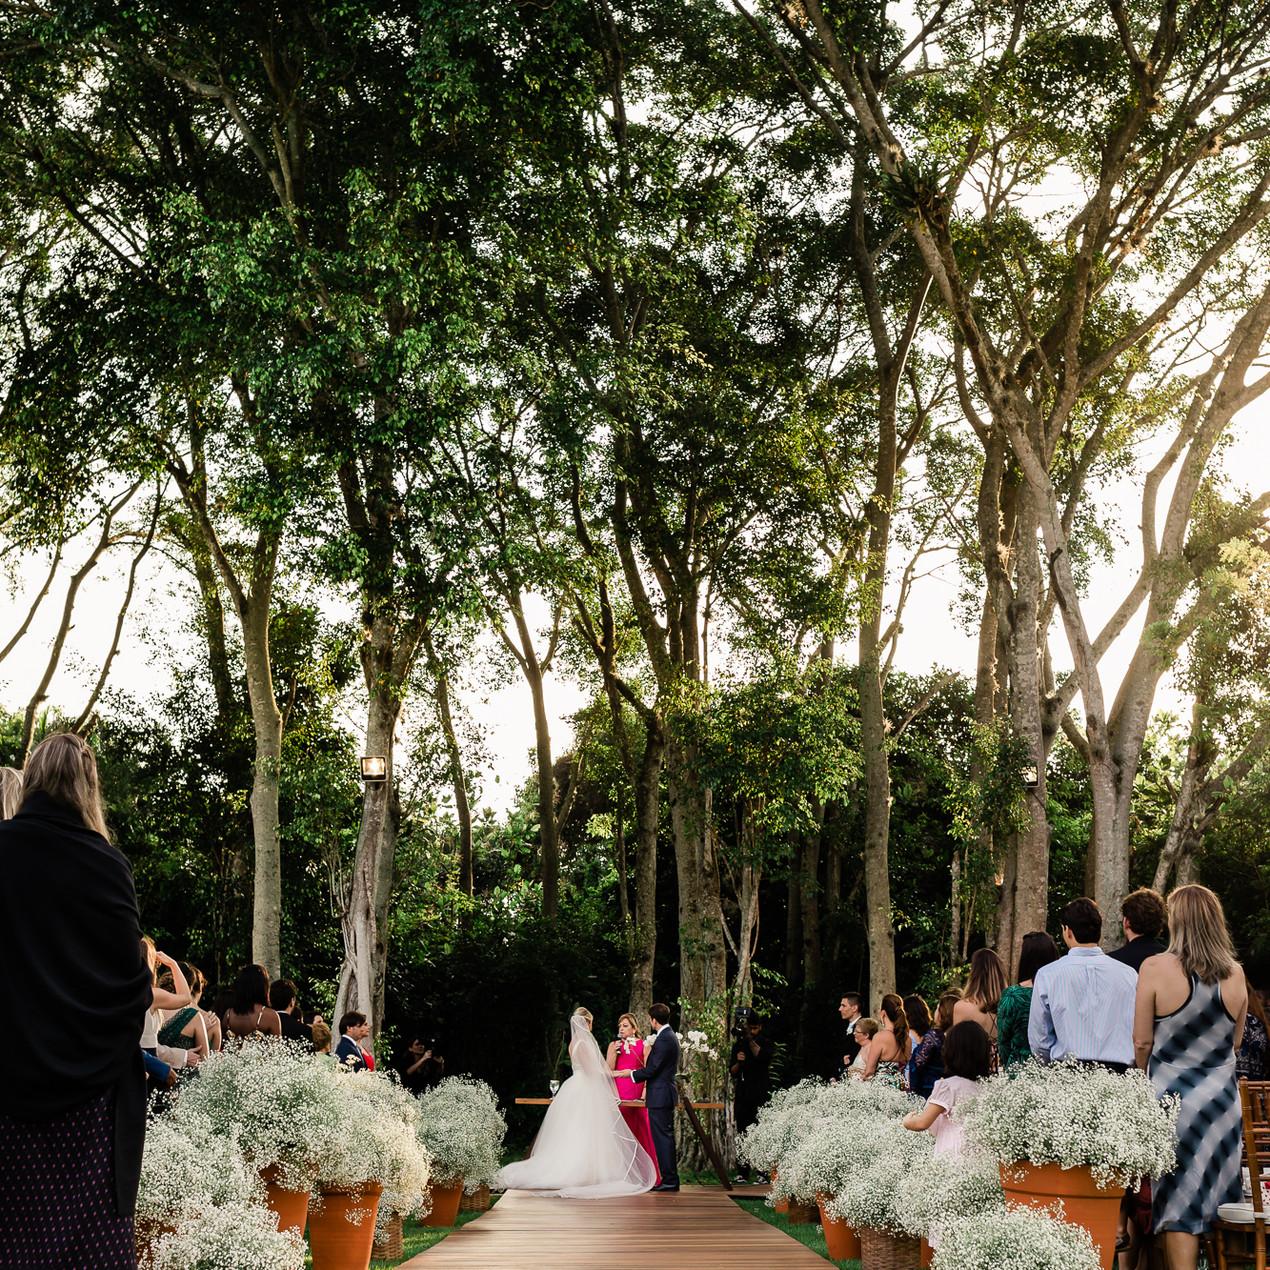 Como organizar um casamento ao ar livre | douxmariage.com.br/blog